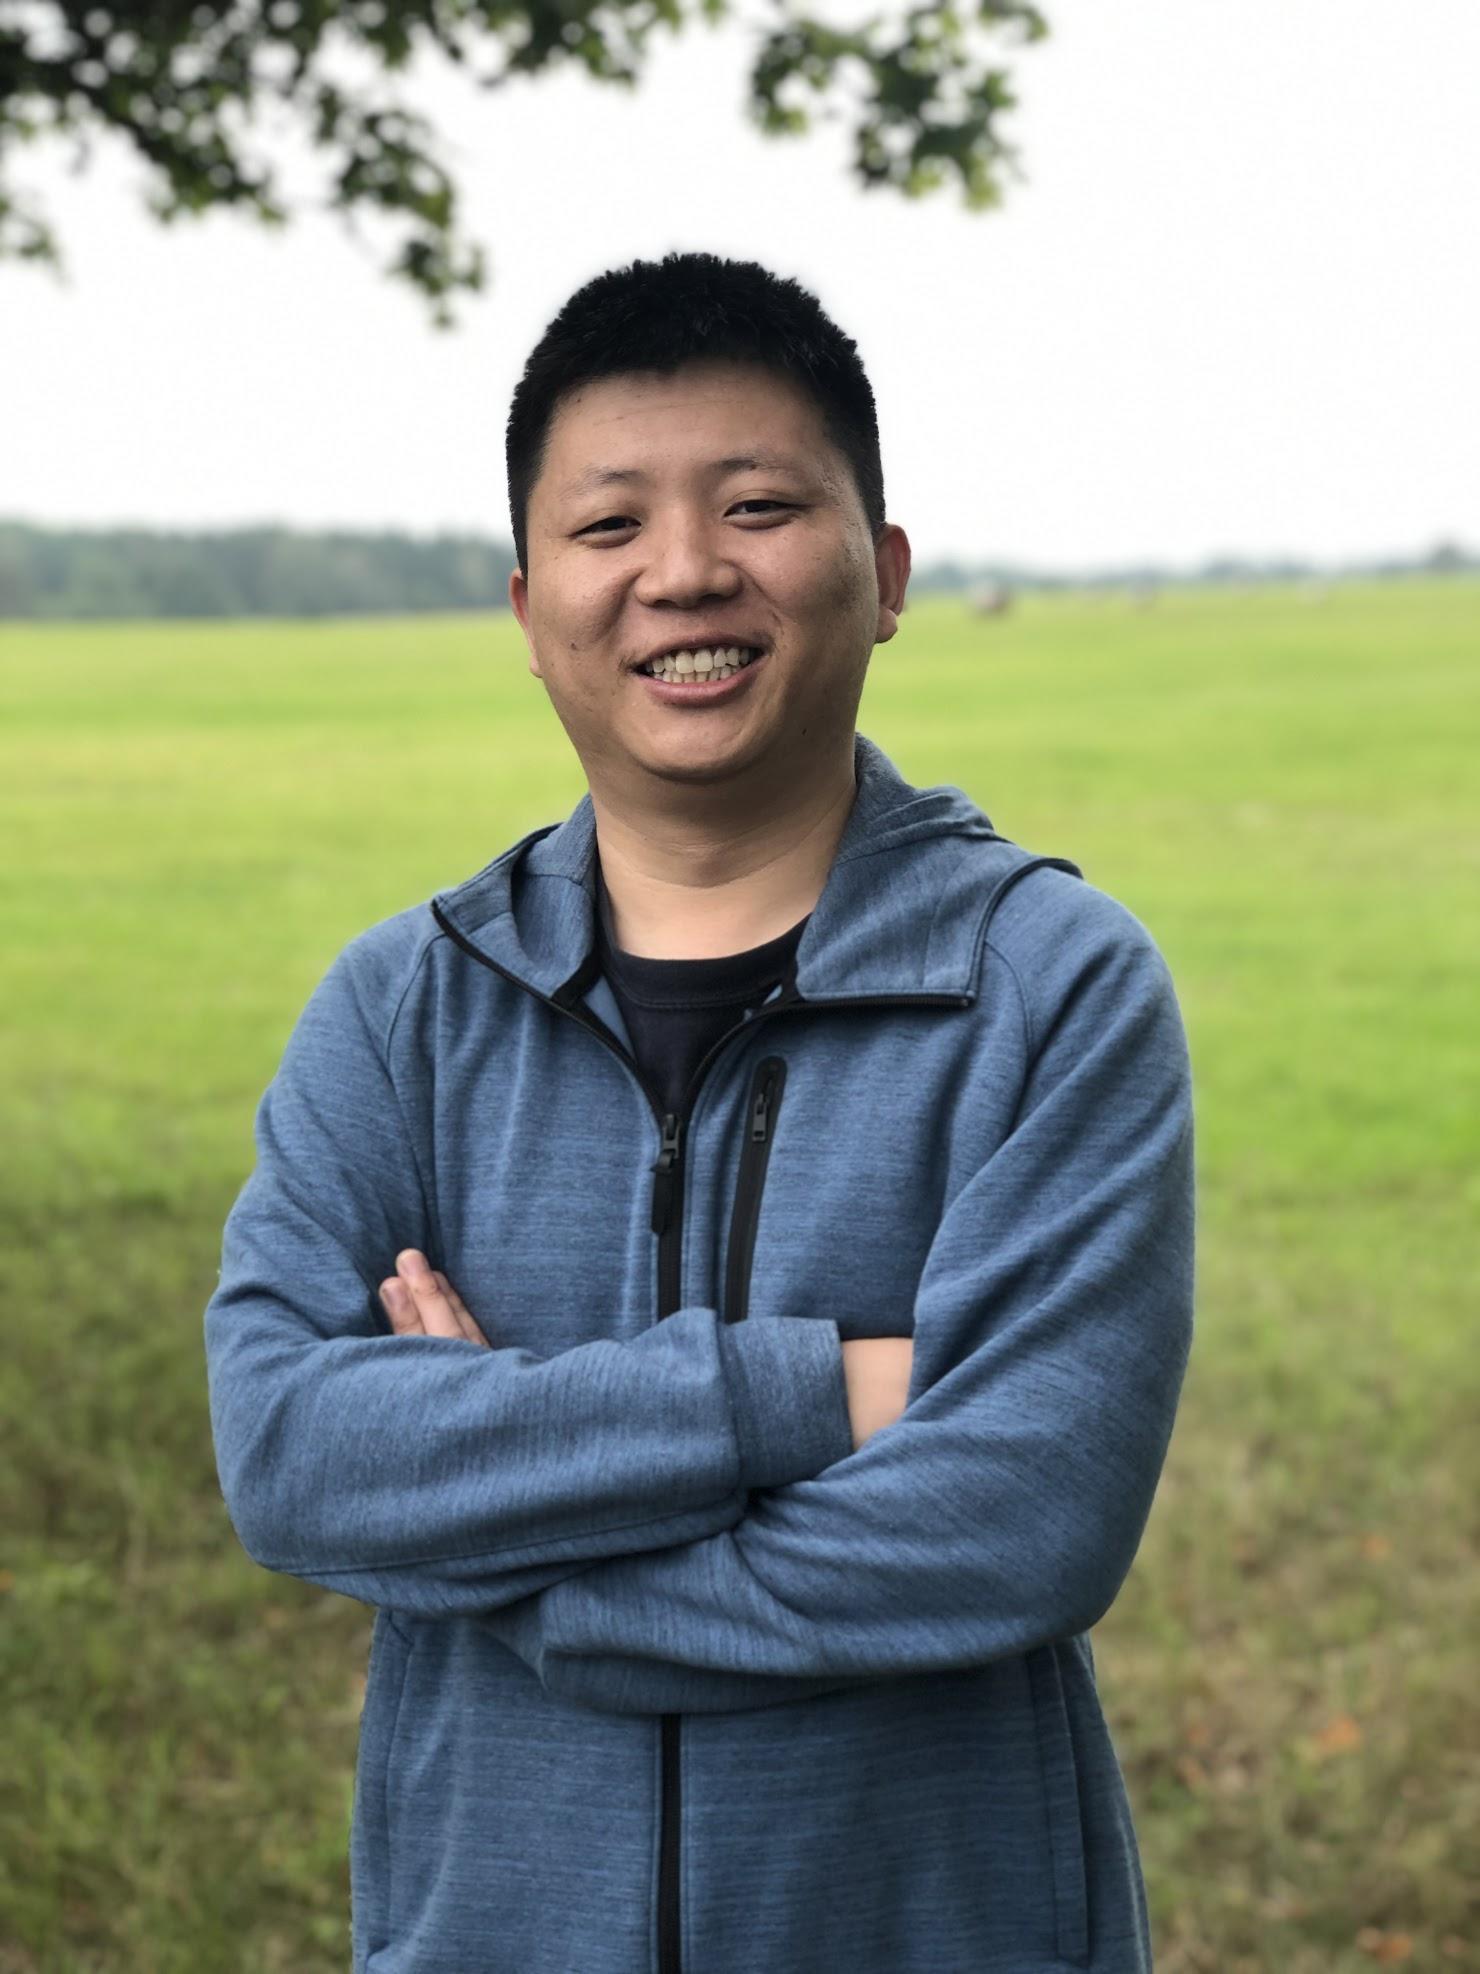 Xiaofei Xie (谢肖飞)